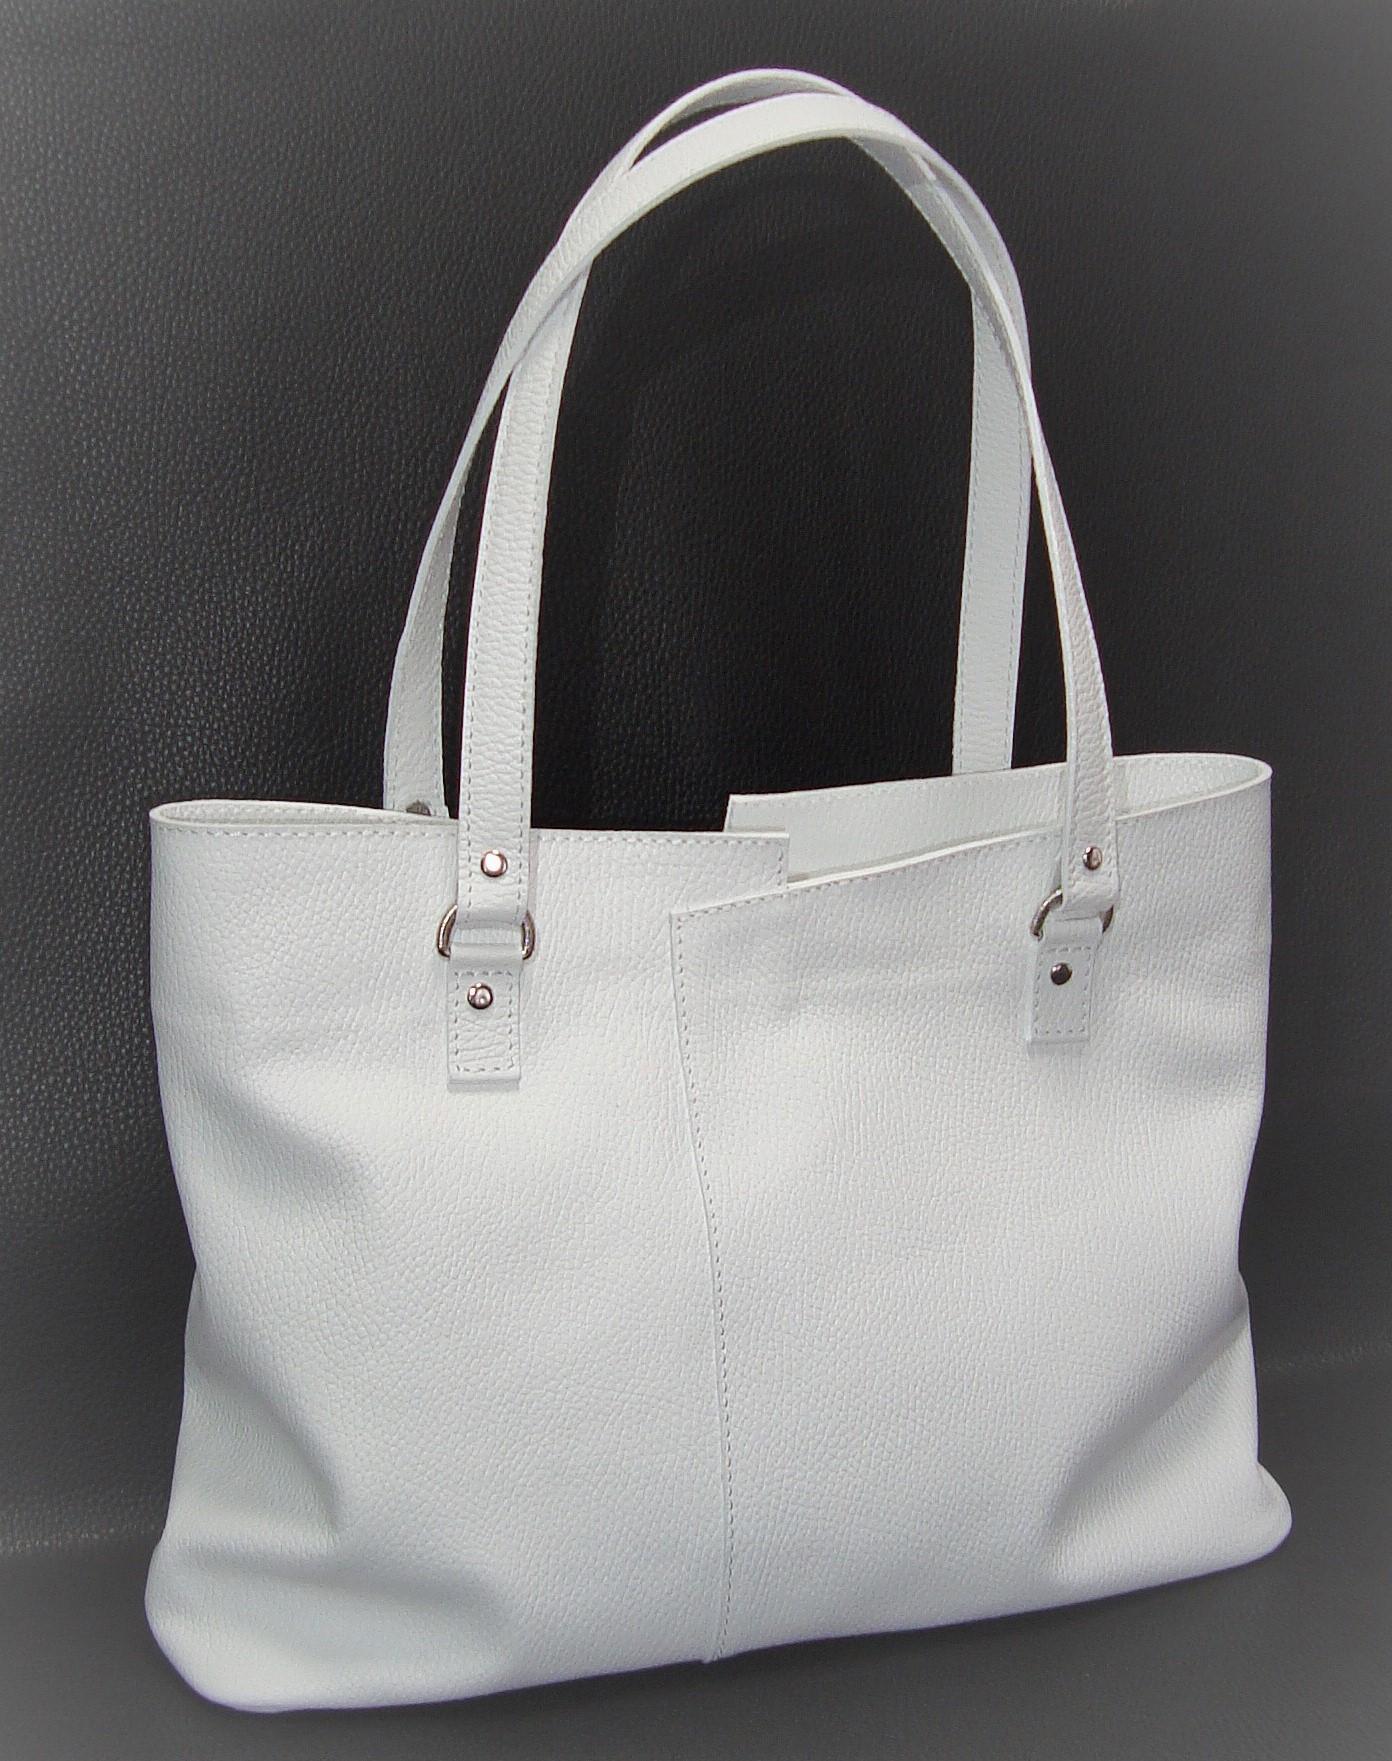 Сумка Модель № 13-2Сумки и др. изделия из кожи<br>Высота сумки:27 см<br>Ширина сумки:35 см<br>Ширина дна:11 см<br>Длинна ручек:55 см<br><br>Тип: Сумка<br>Размер: -<br>Материал: Натуральная кожа